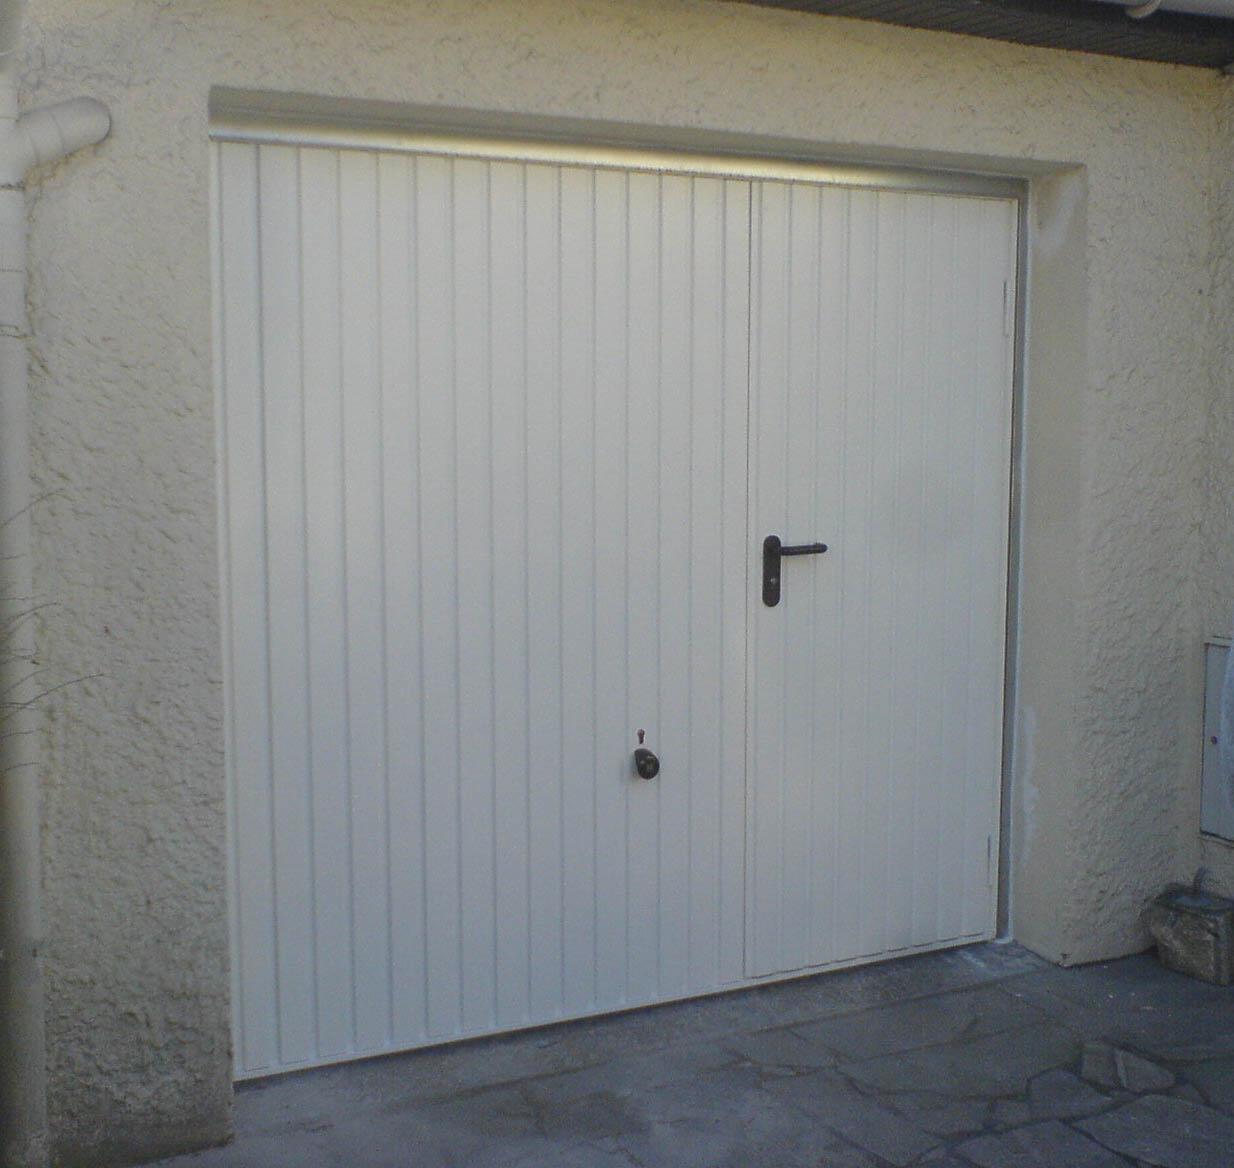 Porte de garage hormann avec portillon basculante id es de travaux - Porte de garage basculante avec portillon brico depot ...